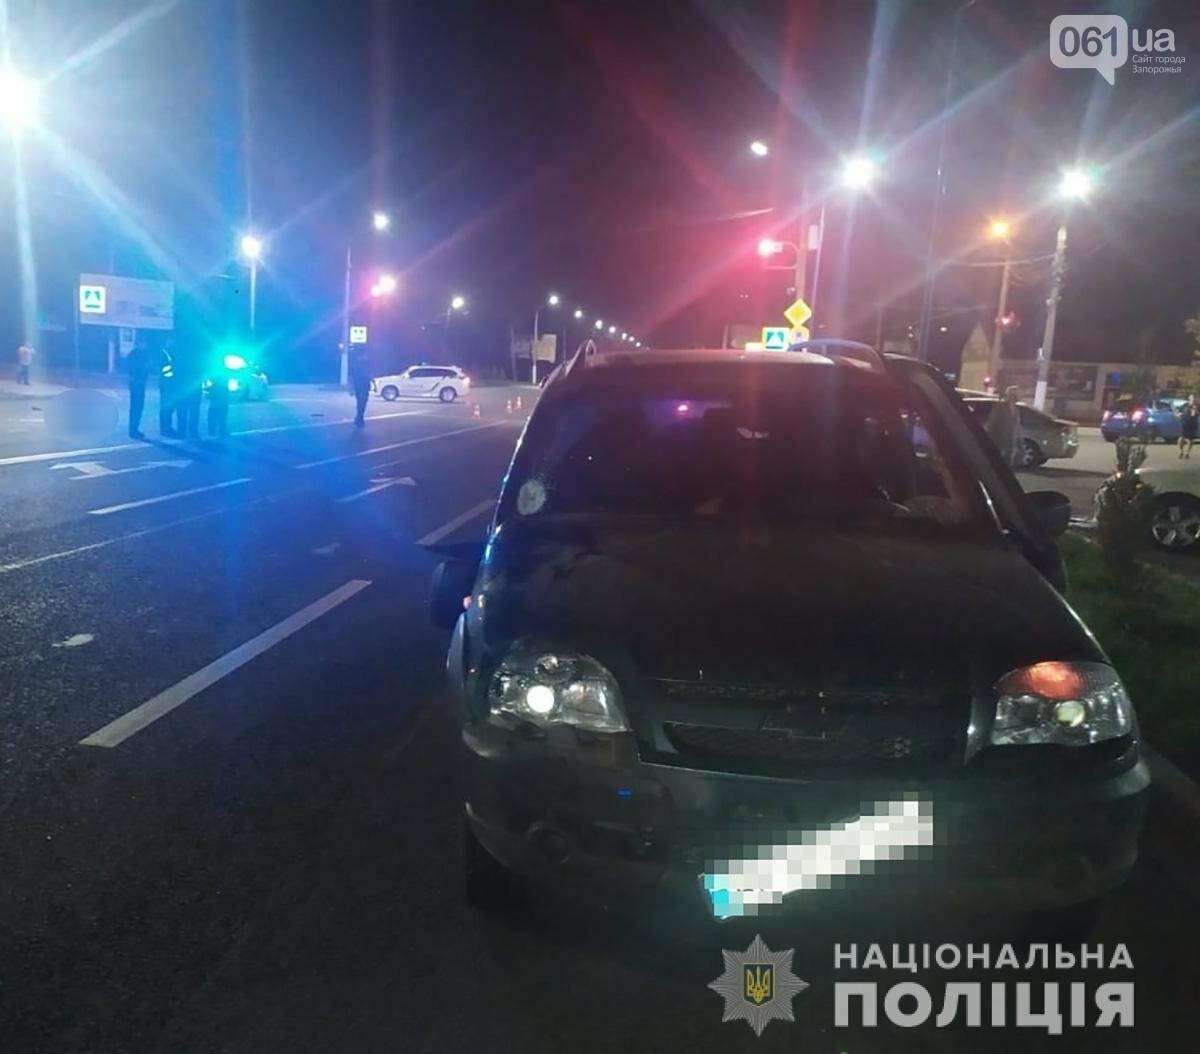 В Запорожской области водитель автомобиля сбил пешеходов, которые переходили дорогу на красный свет, фото-1